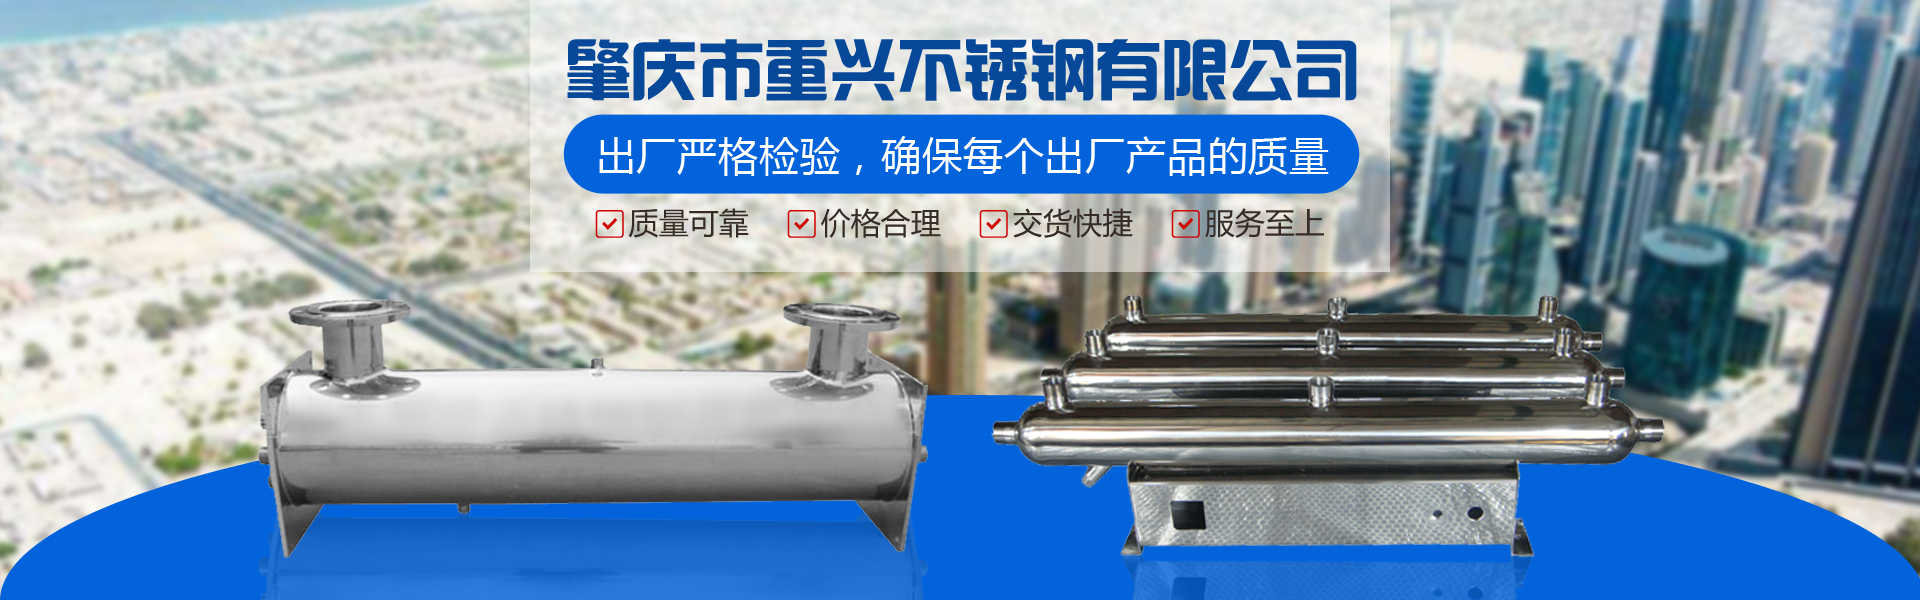 肇慶市重興不鏽鋼有限公司专业久久在线视频精品不锈钢集分水器、不锈钢紫外线杀菌器等不锈钢制品。出厂严格检验,确保每个出厂久久在线视频精品的质量。